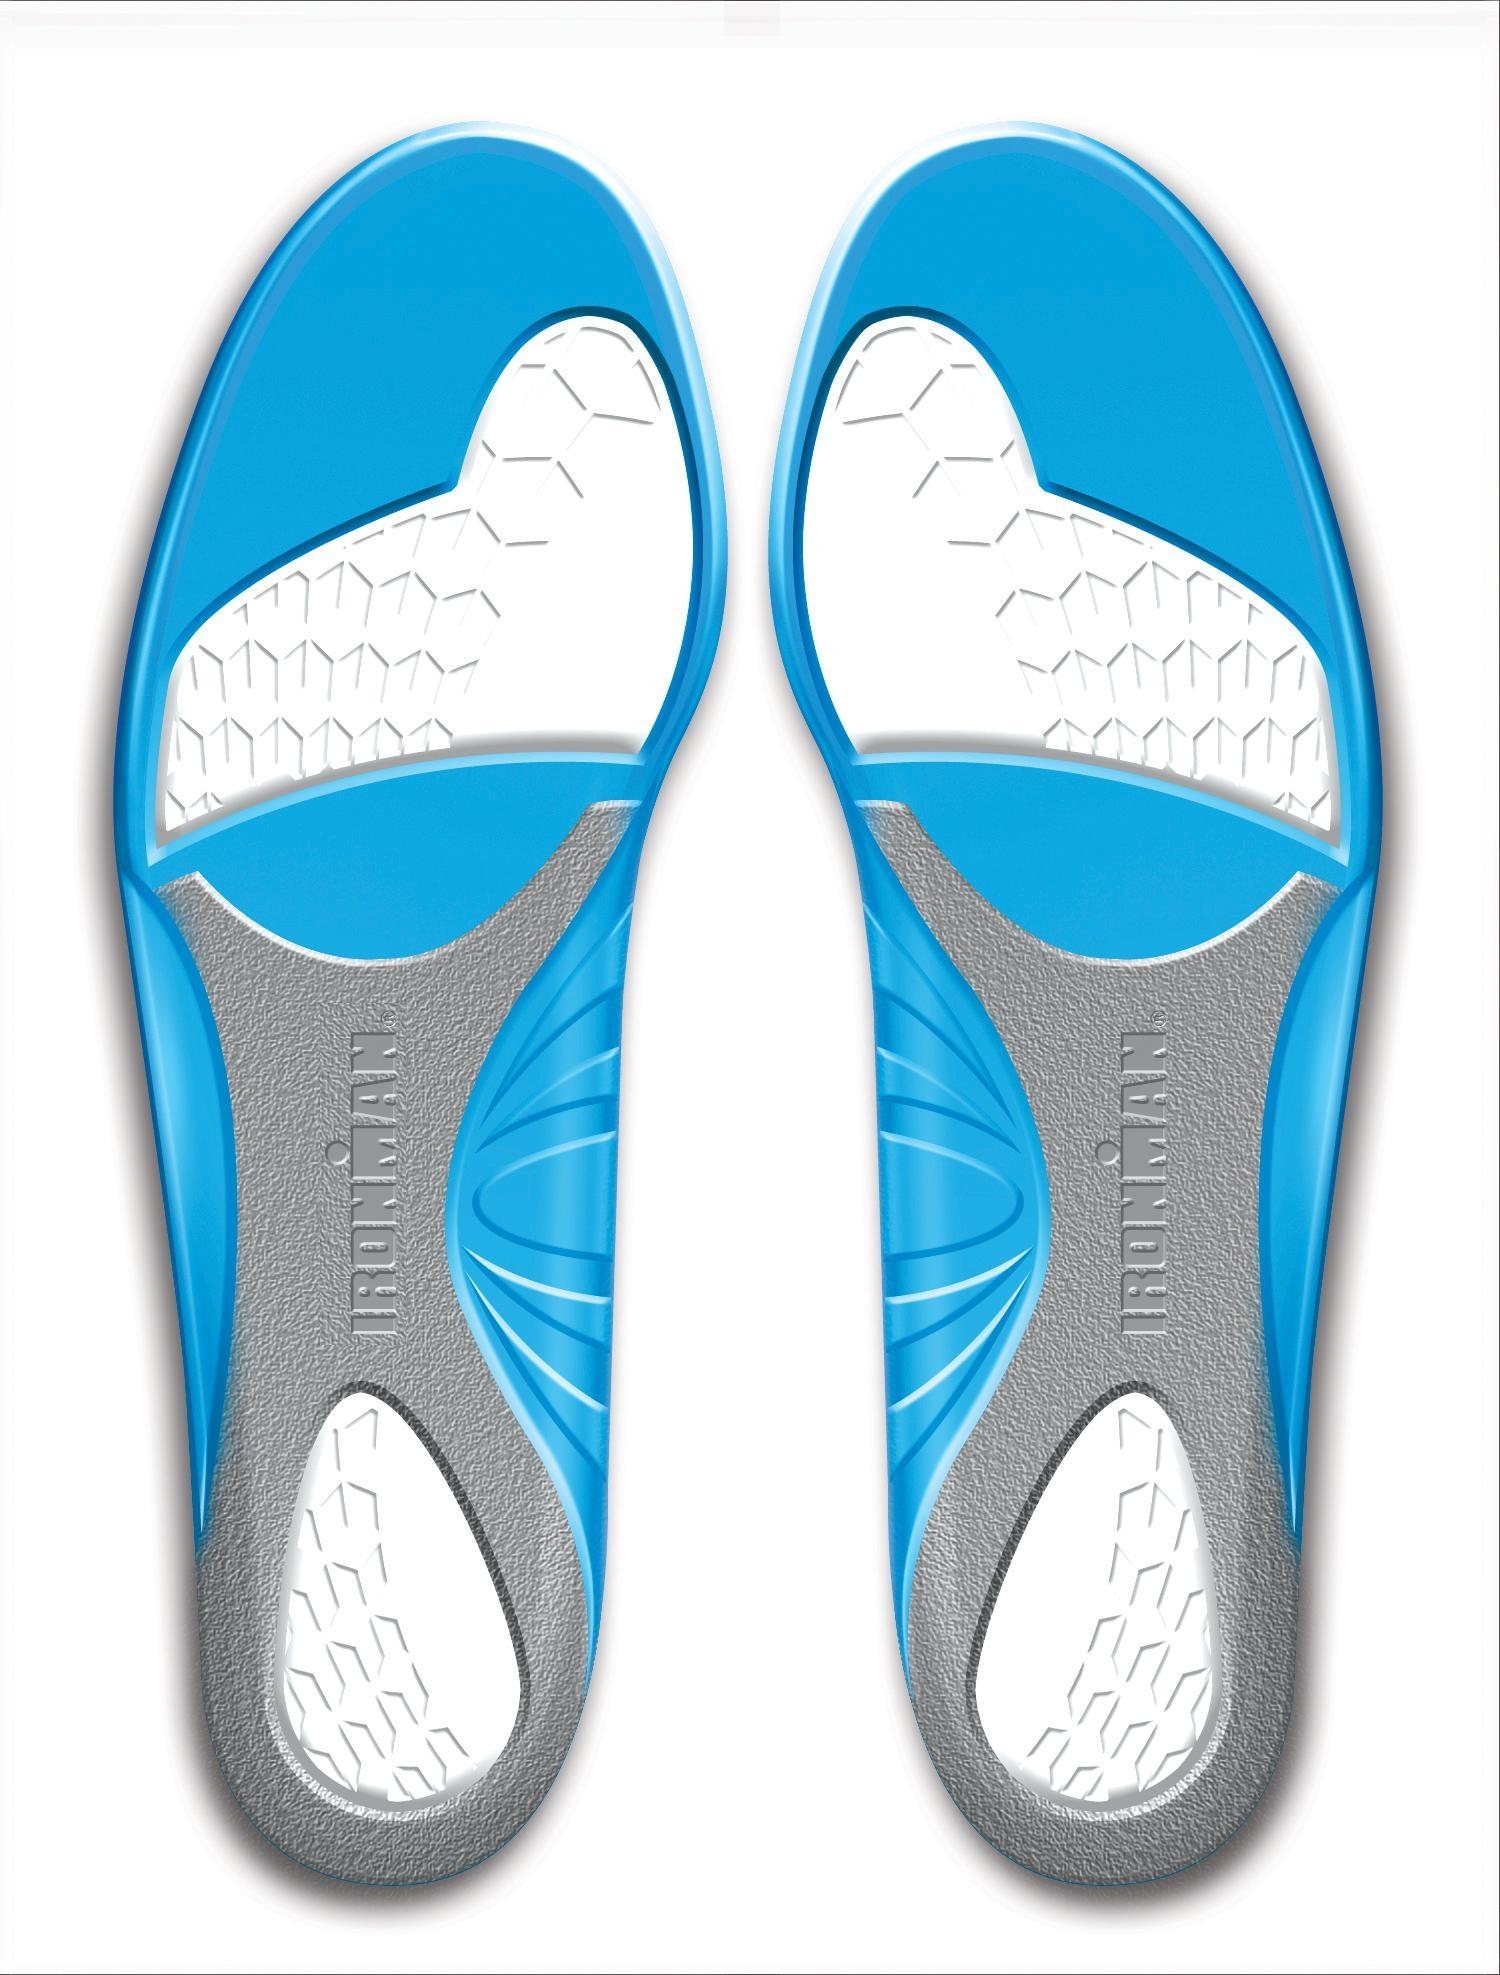 Код 60011 Ironman Performance Gel Tripple Density Анатомические стельки из термопластичного геля для максимального сохранения энергии (до44%) стопы от нагрузок, р-р 40-44